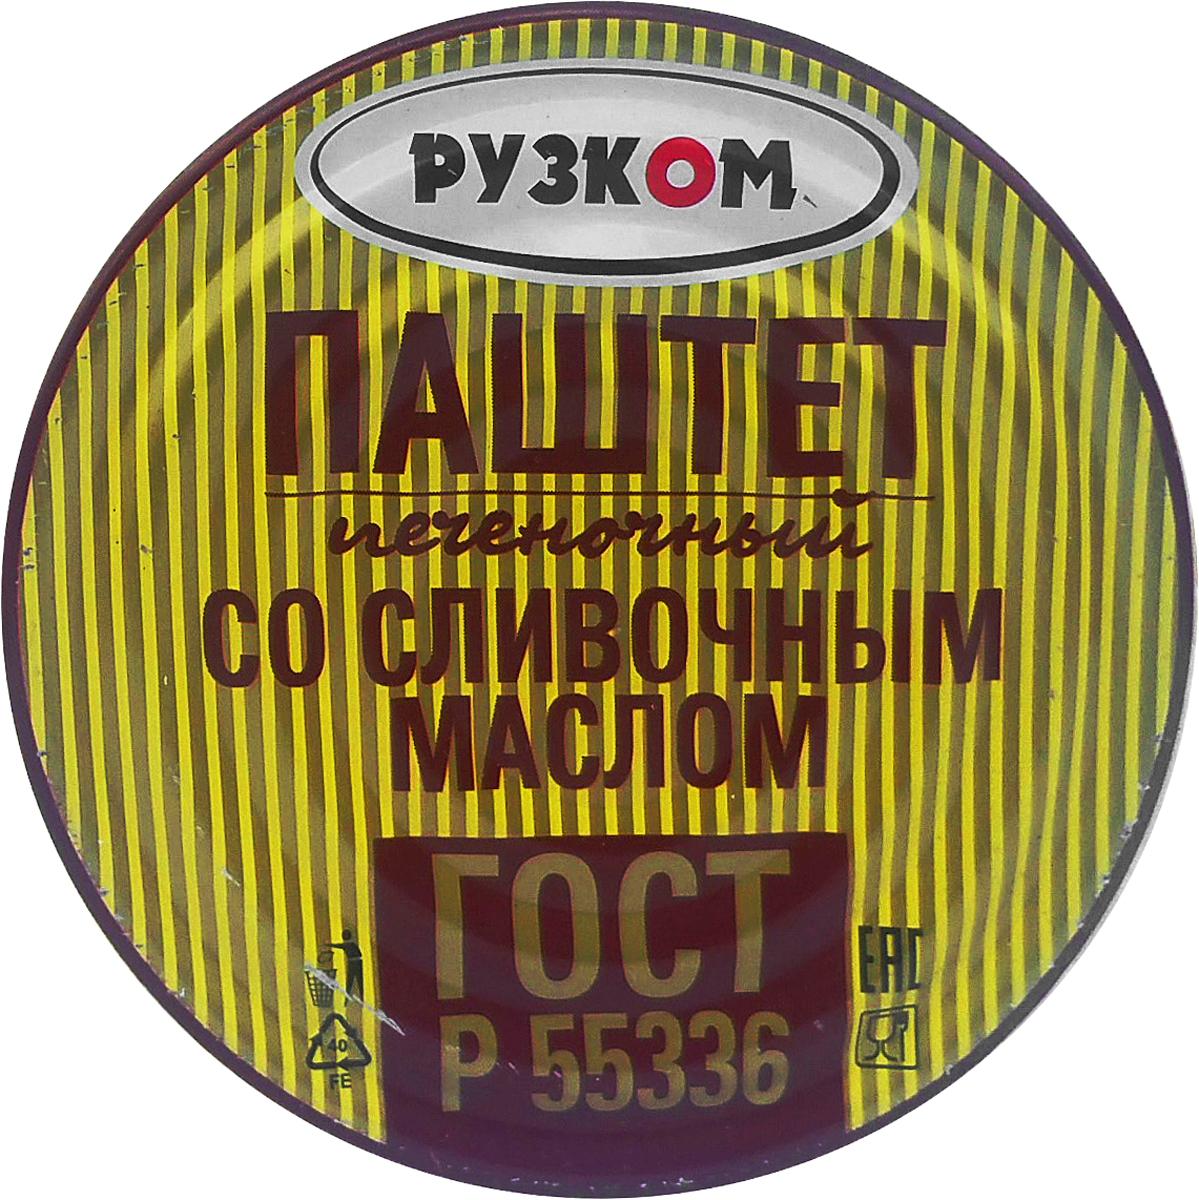 Рузком паштет печеночный со сливочным маслом литография, 117 г тореро вафли со сливочным ароматом 180 г